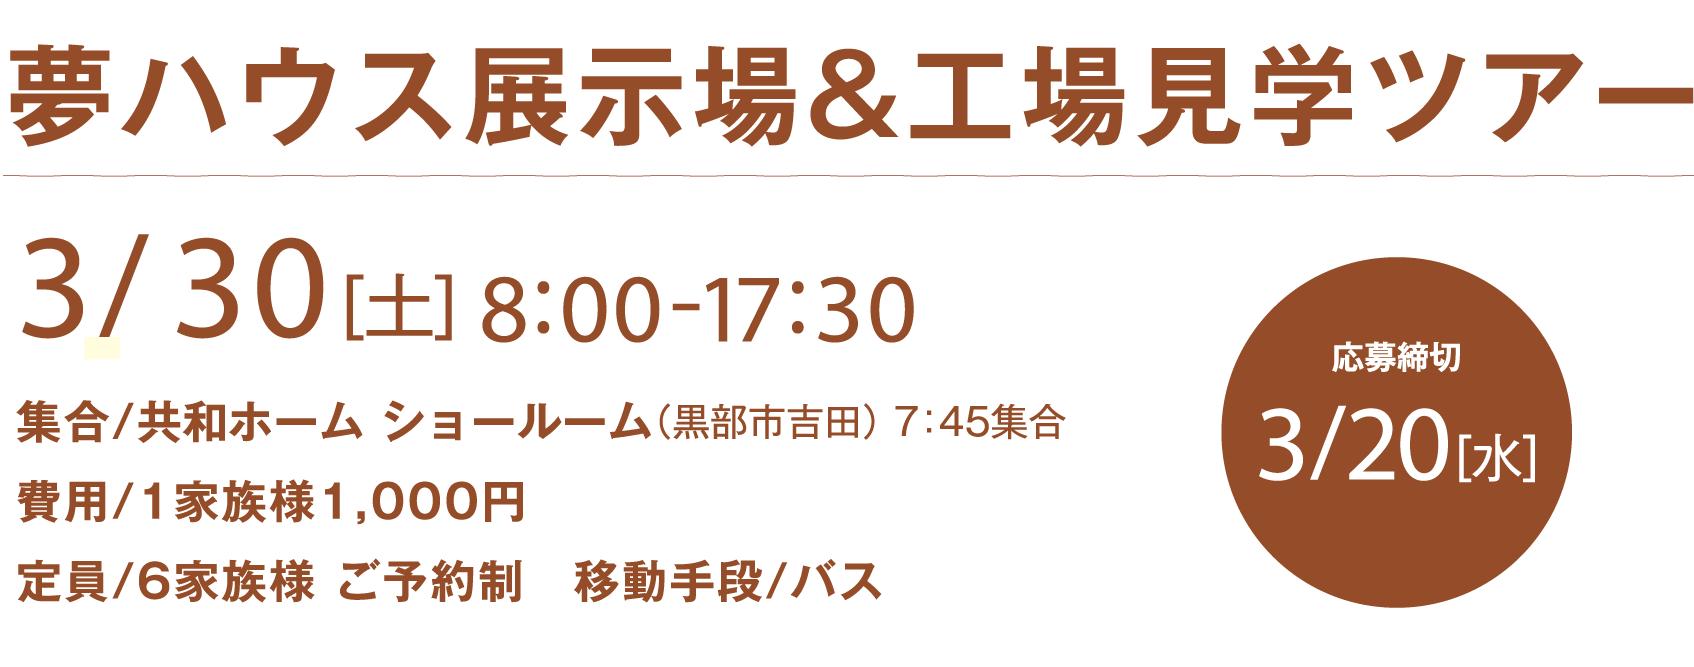 夢ハウス展示場&工場見学ツアー 2019年3月30日(土)8:00〜17:30